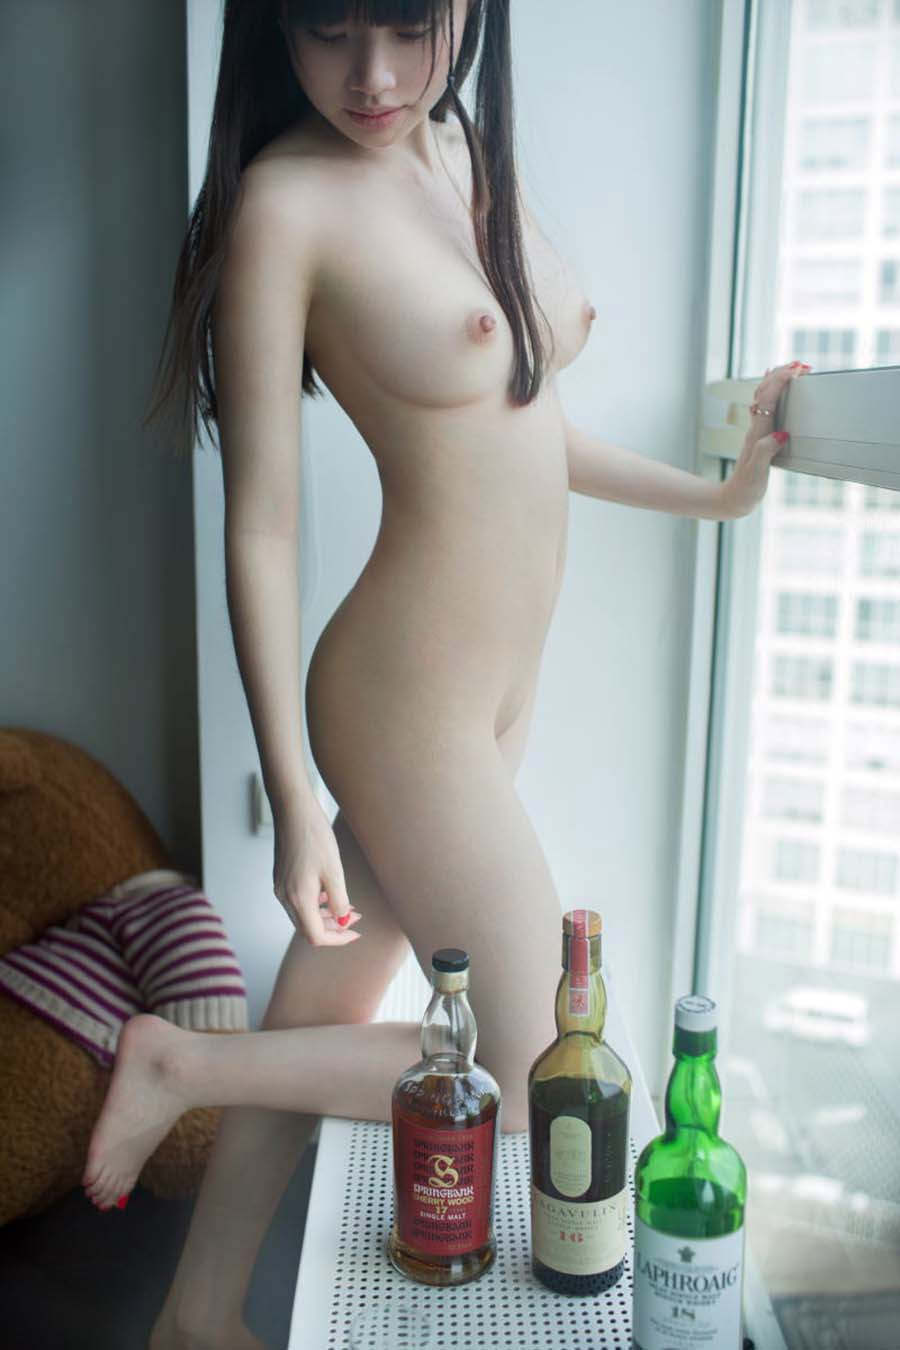 【画像あり】広瀬すず似の中国人ヌードモデルのティクビが絶品だった件wwwwwwwwwww・25枚目